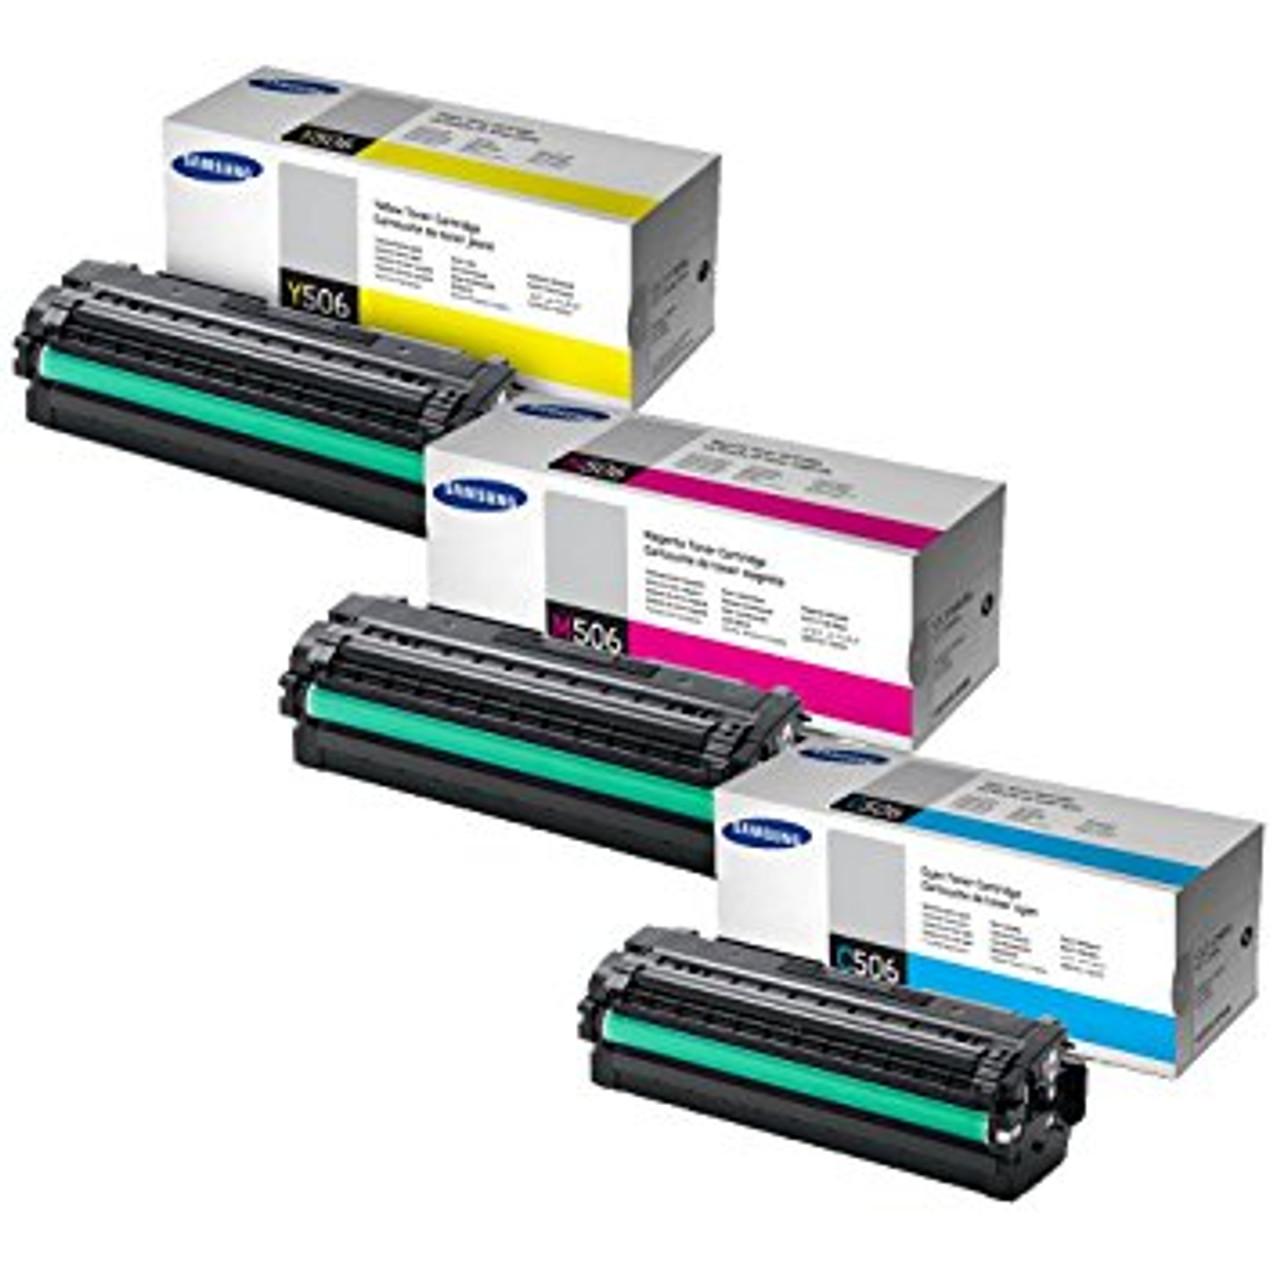 4 Samsung 506 Original Toner Cartridge Multipack (Samsung Clt-k506l/c506l/m506l/y506l)